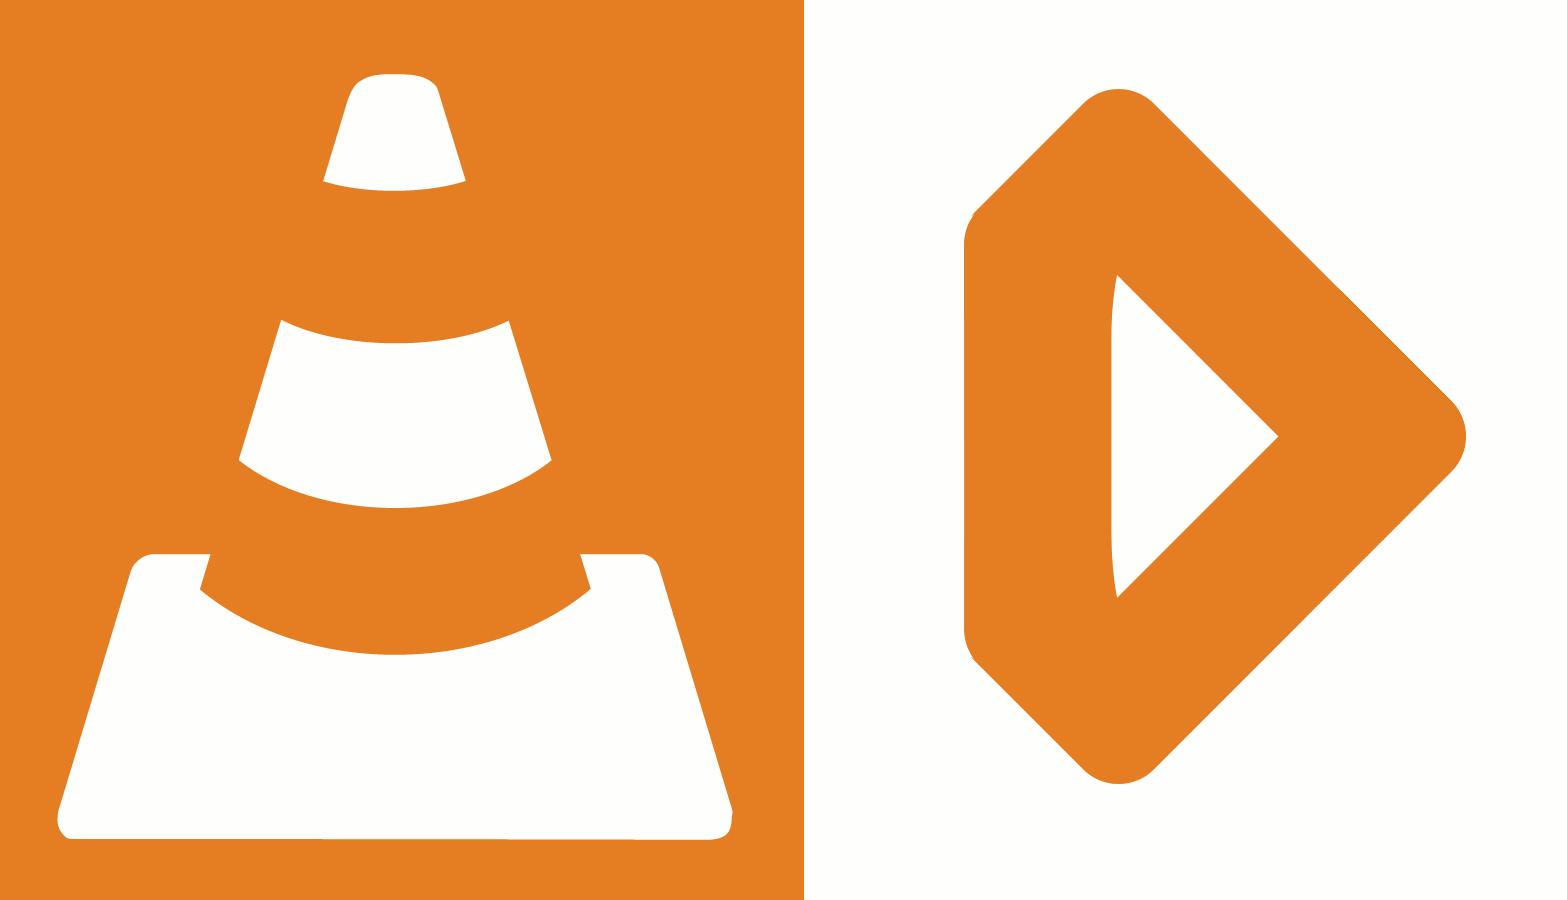 VLC - kombajn stacjonarny, Infuse - mobilny